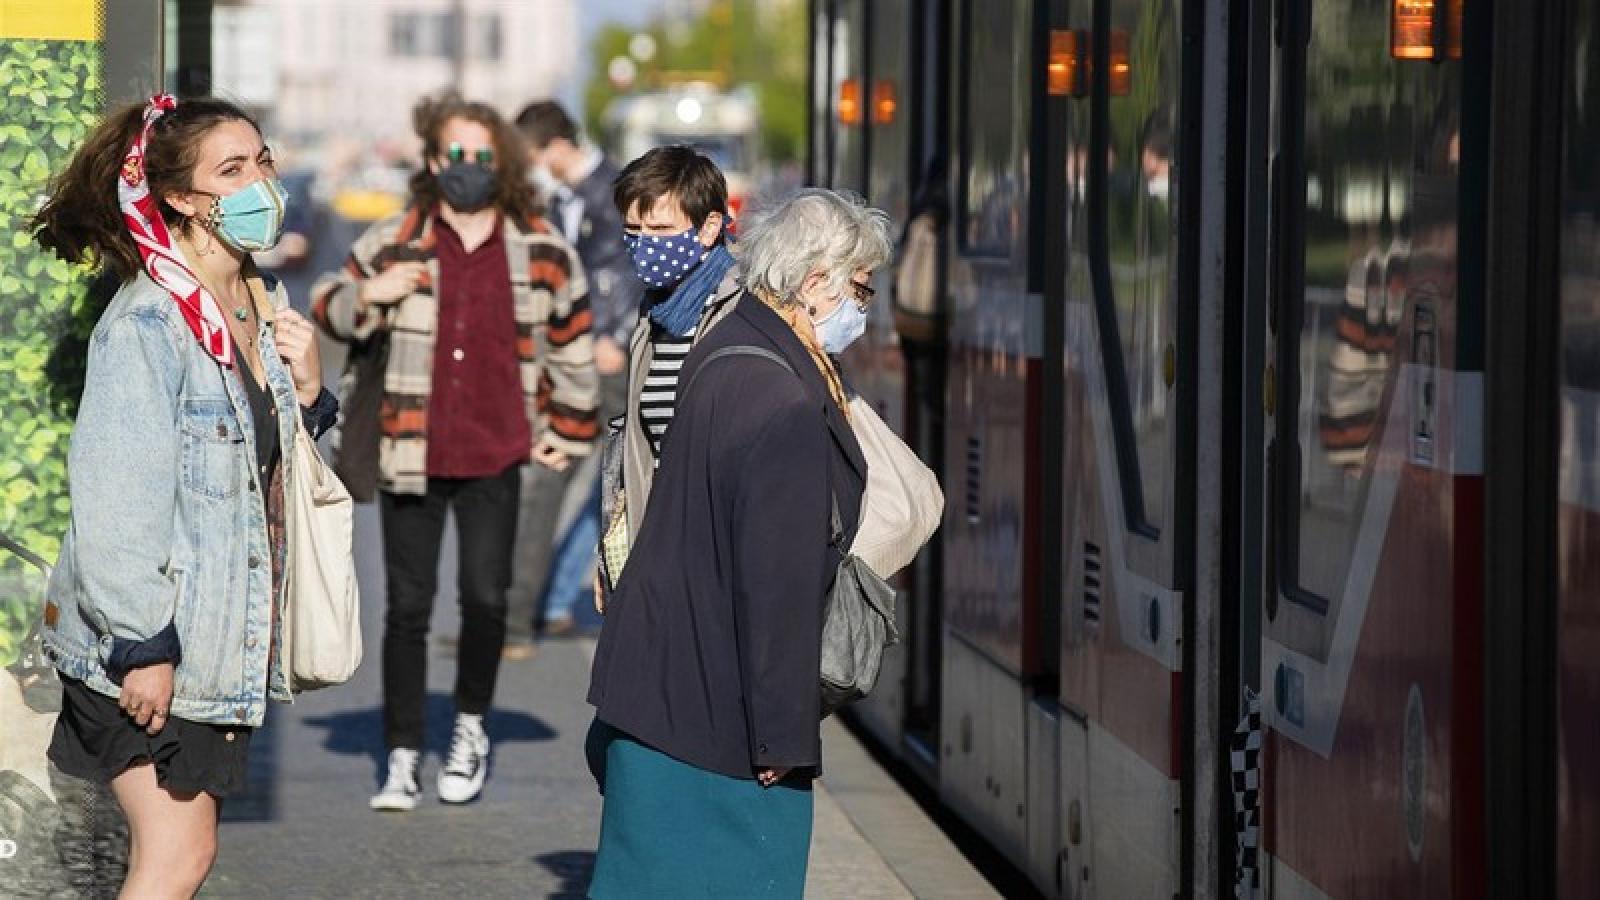 Séc dự kiến mở cửa biên giới với một số quốc gia trong tháng 7